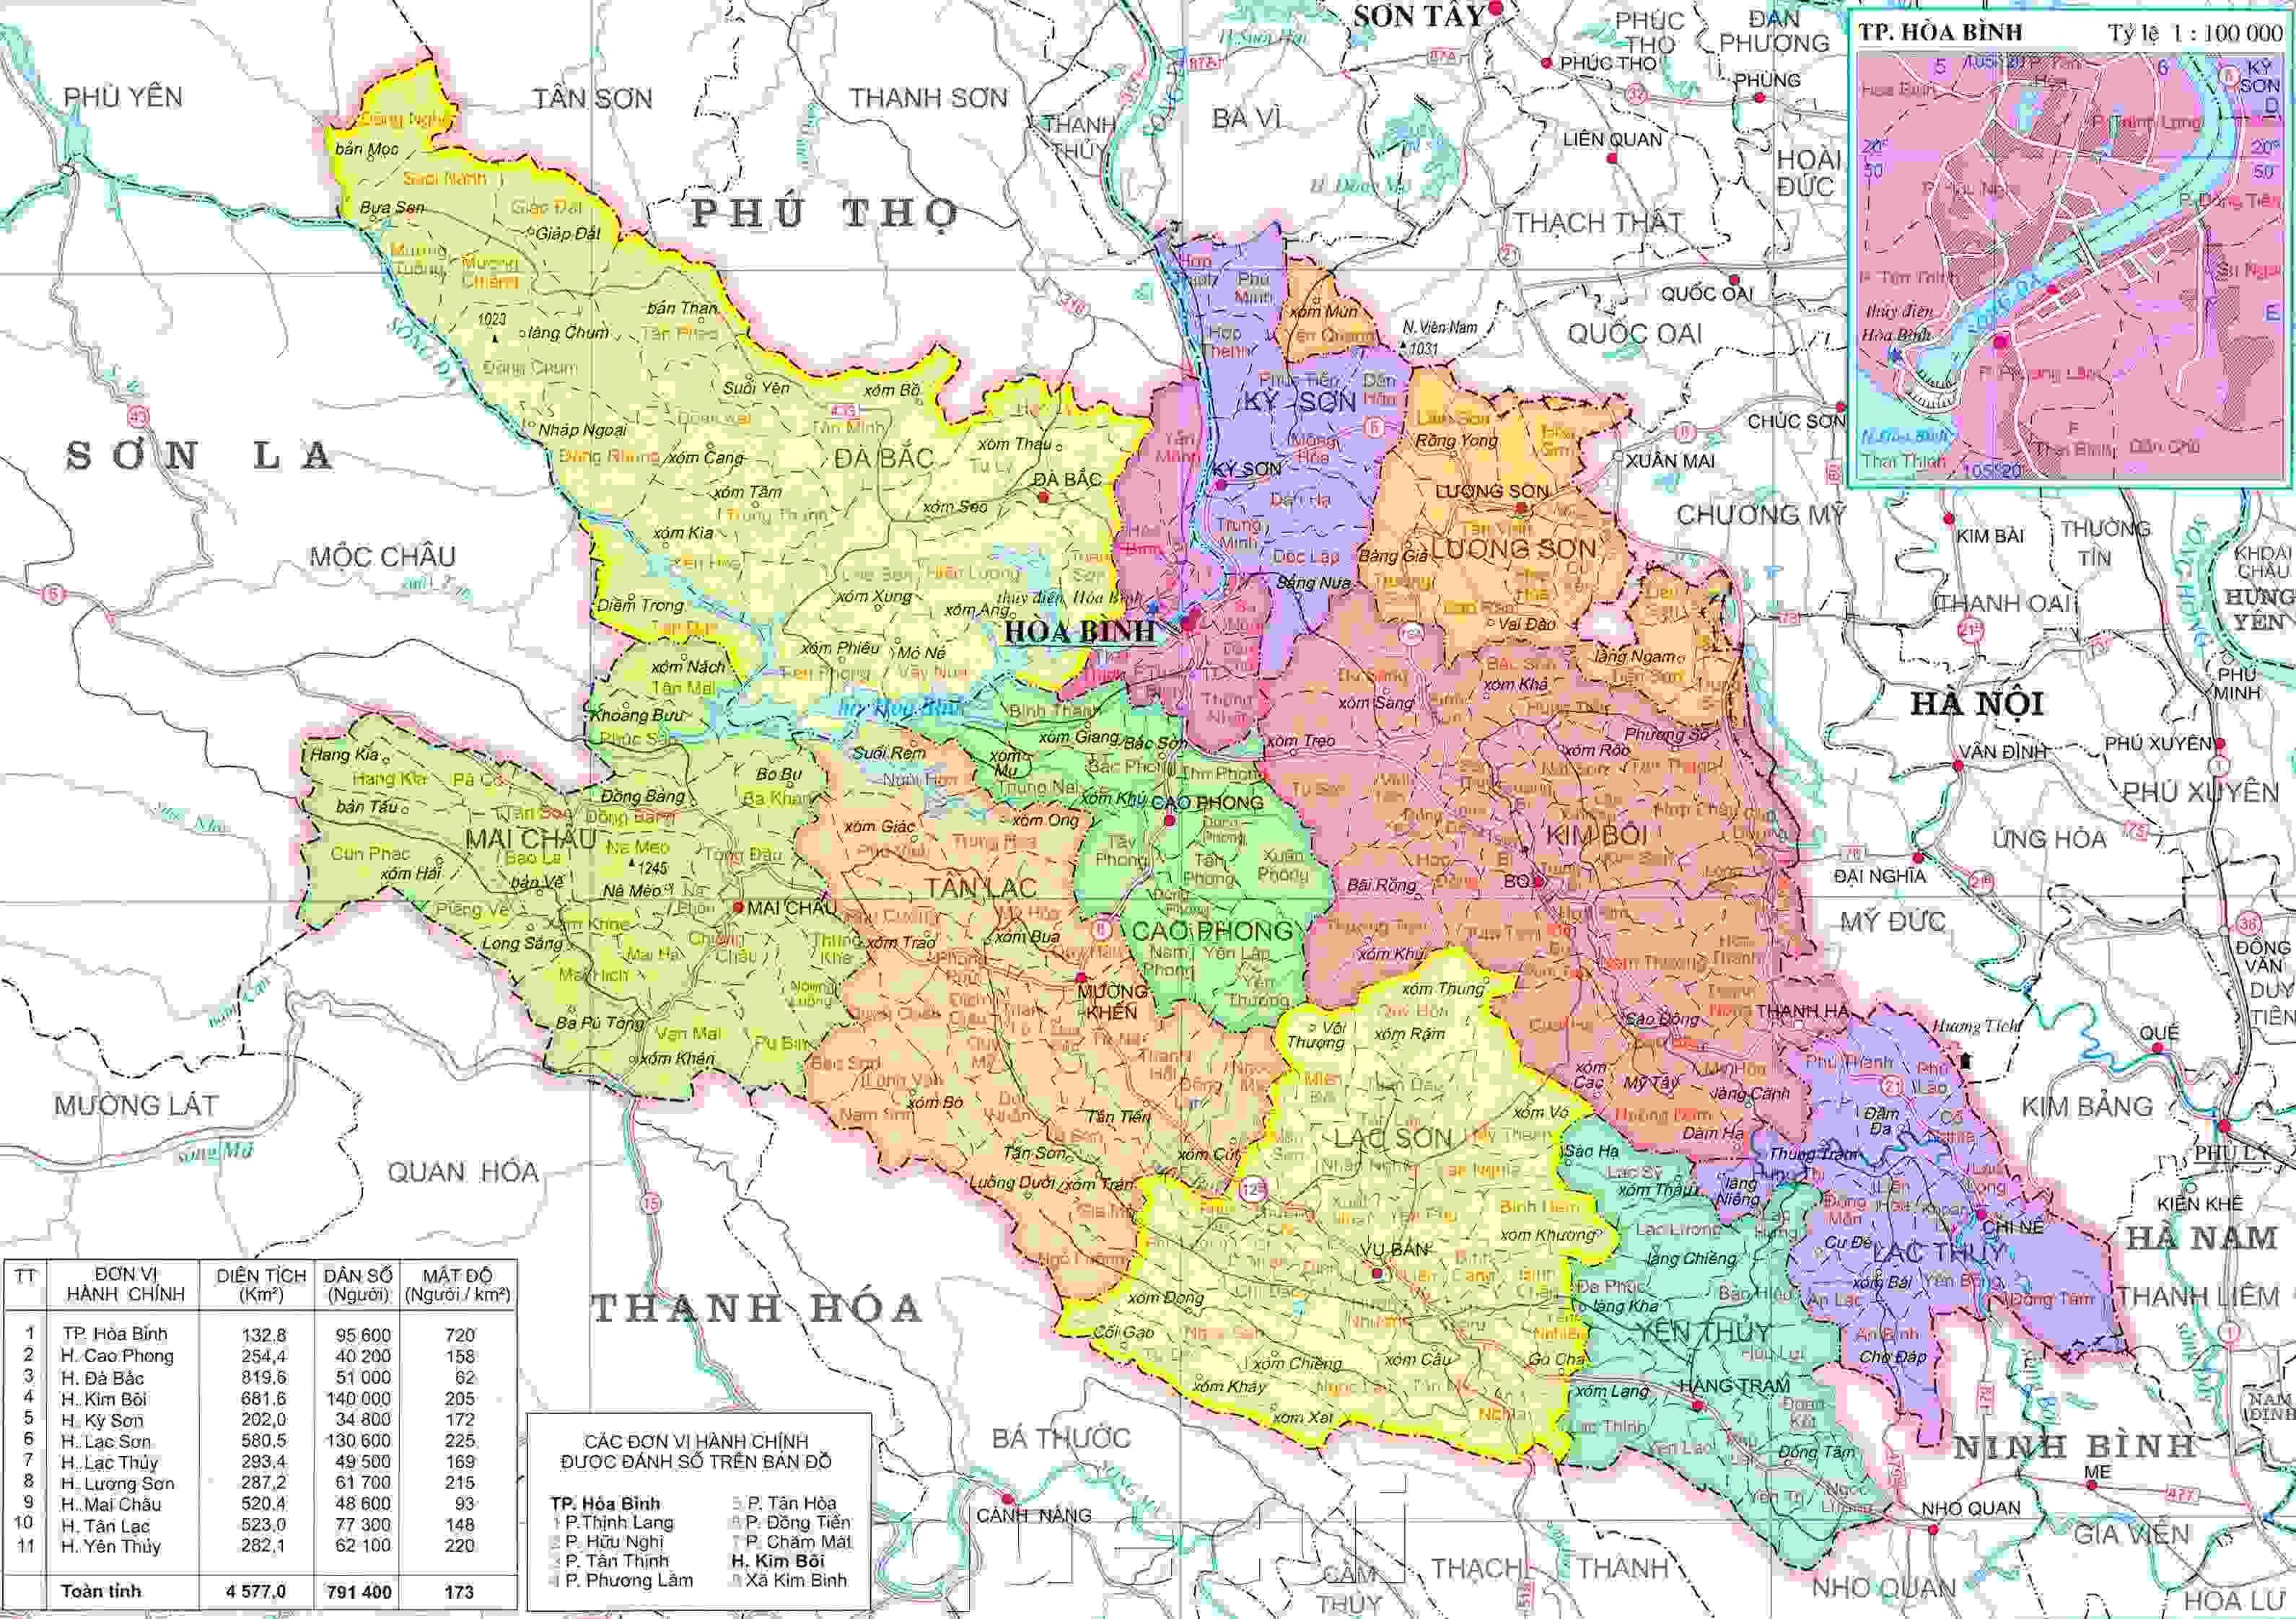 Bản đồ hành chính Hòa Bình khổ lớn